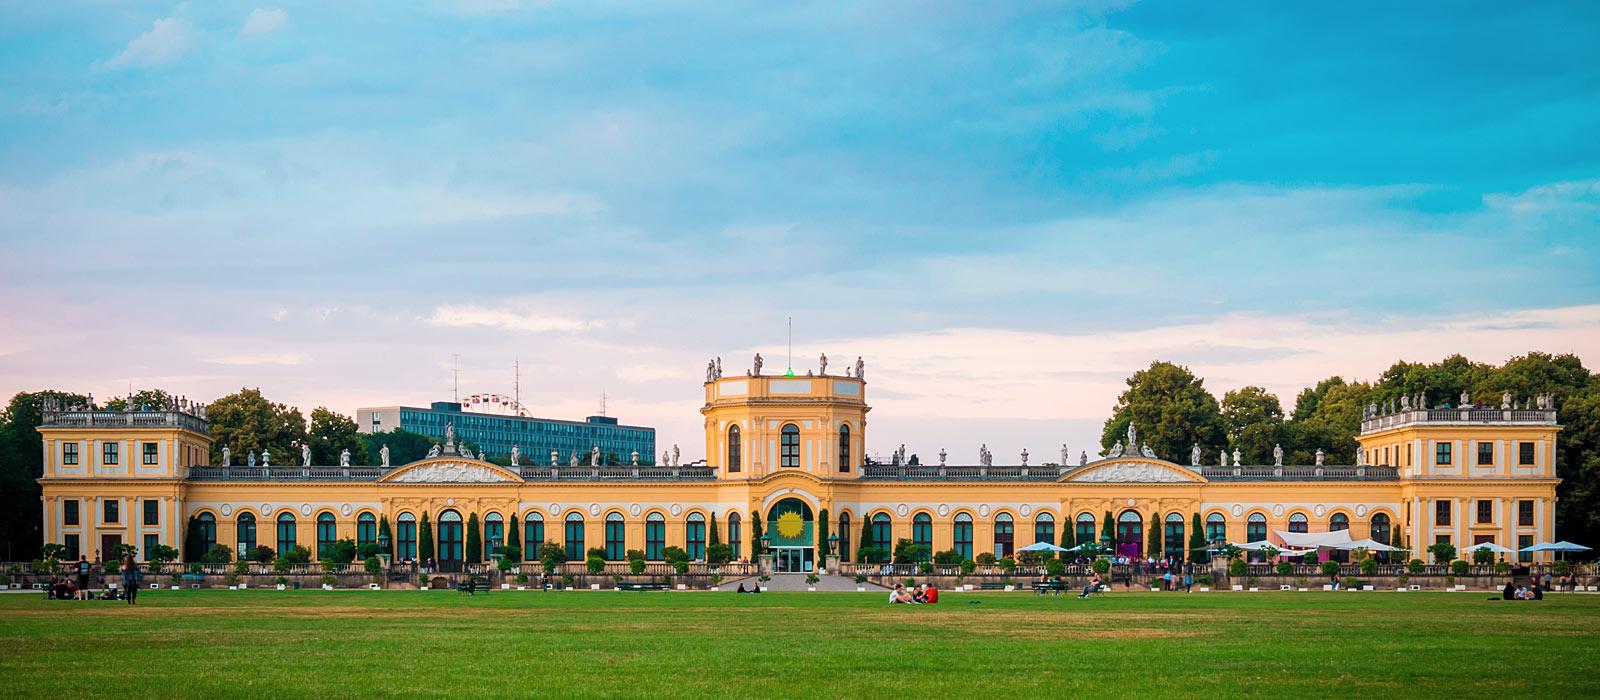 Sprookjes, cultuur en geschiedenis: bezoek jij het Duitse Kassel deze zomer?